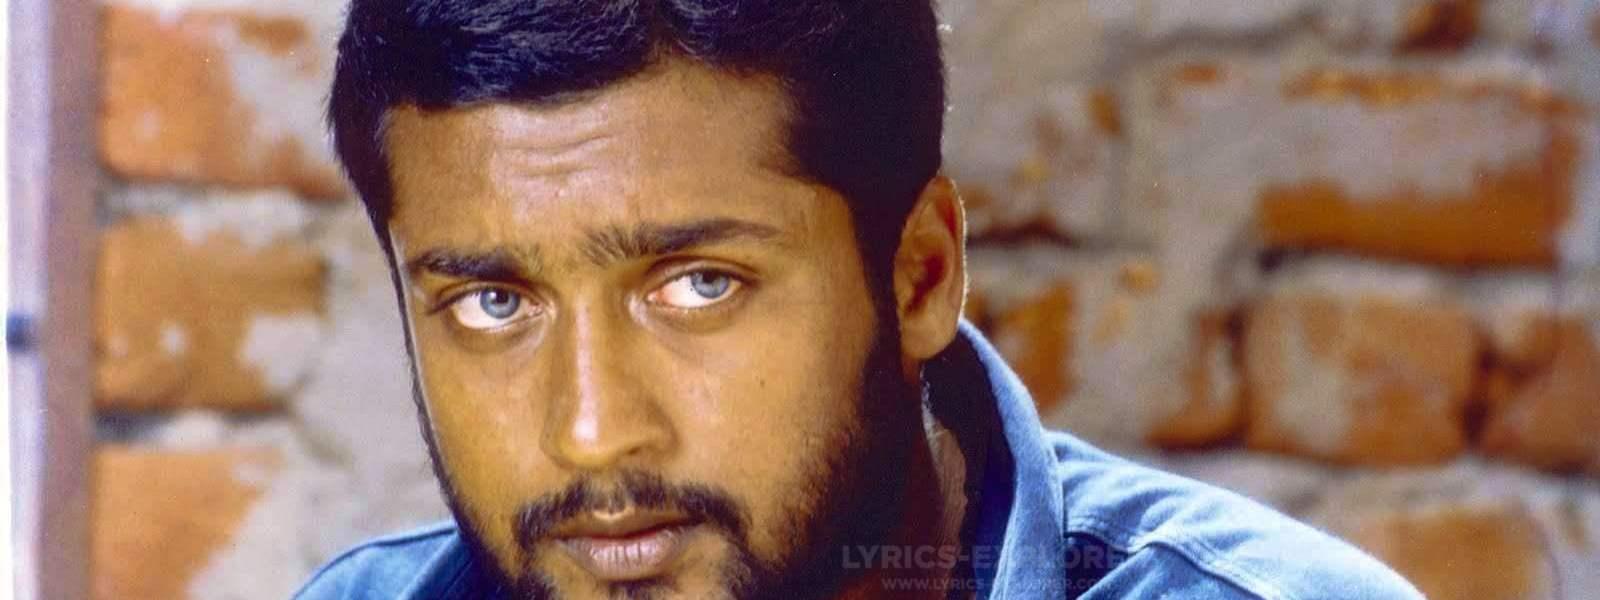 Amma-Endralle-Song-Lyrics-in-English-Nandha-Tamil-Lyrics-Download-in-PDF